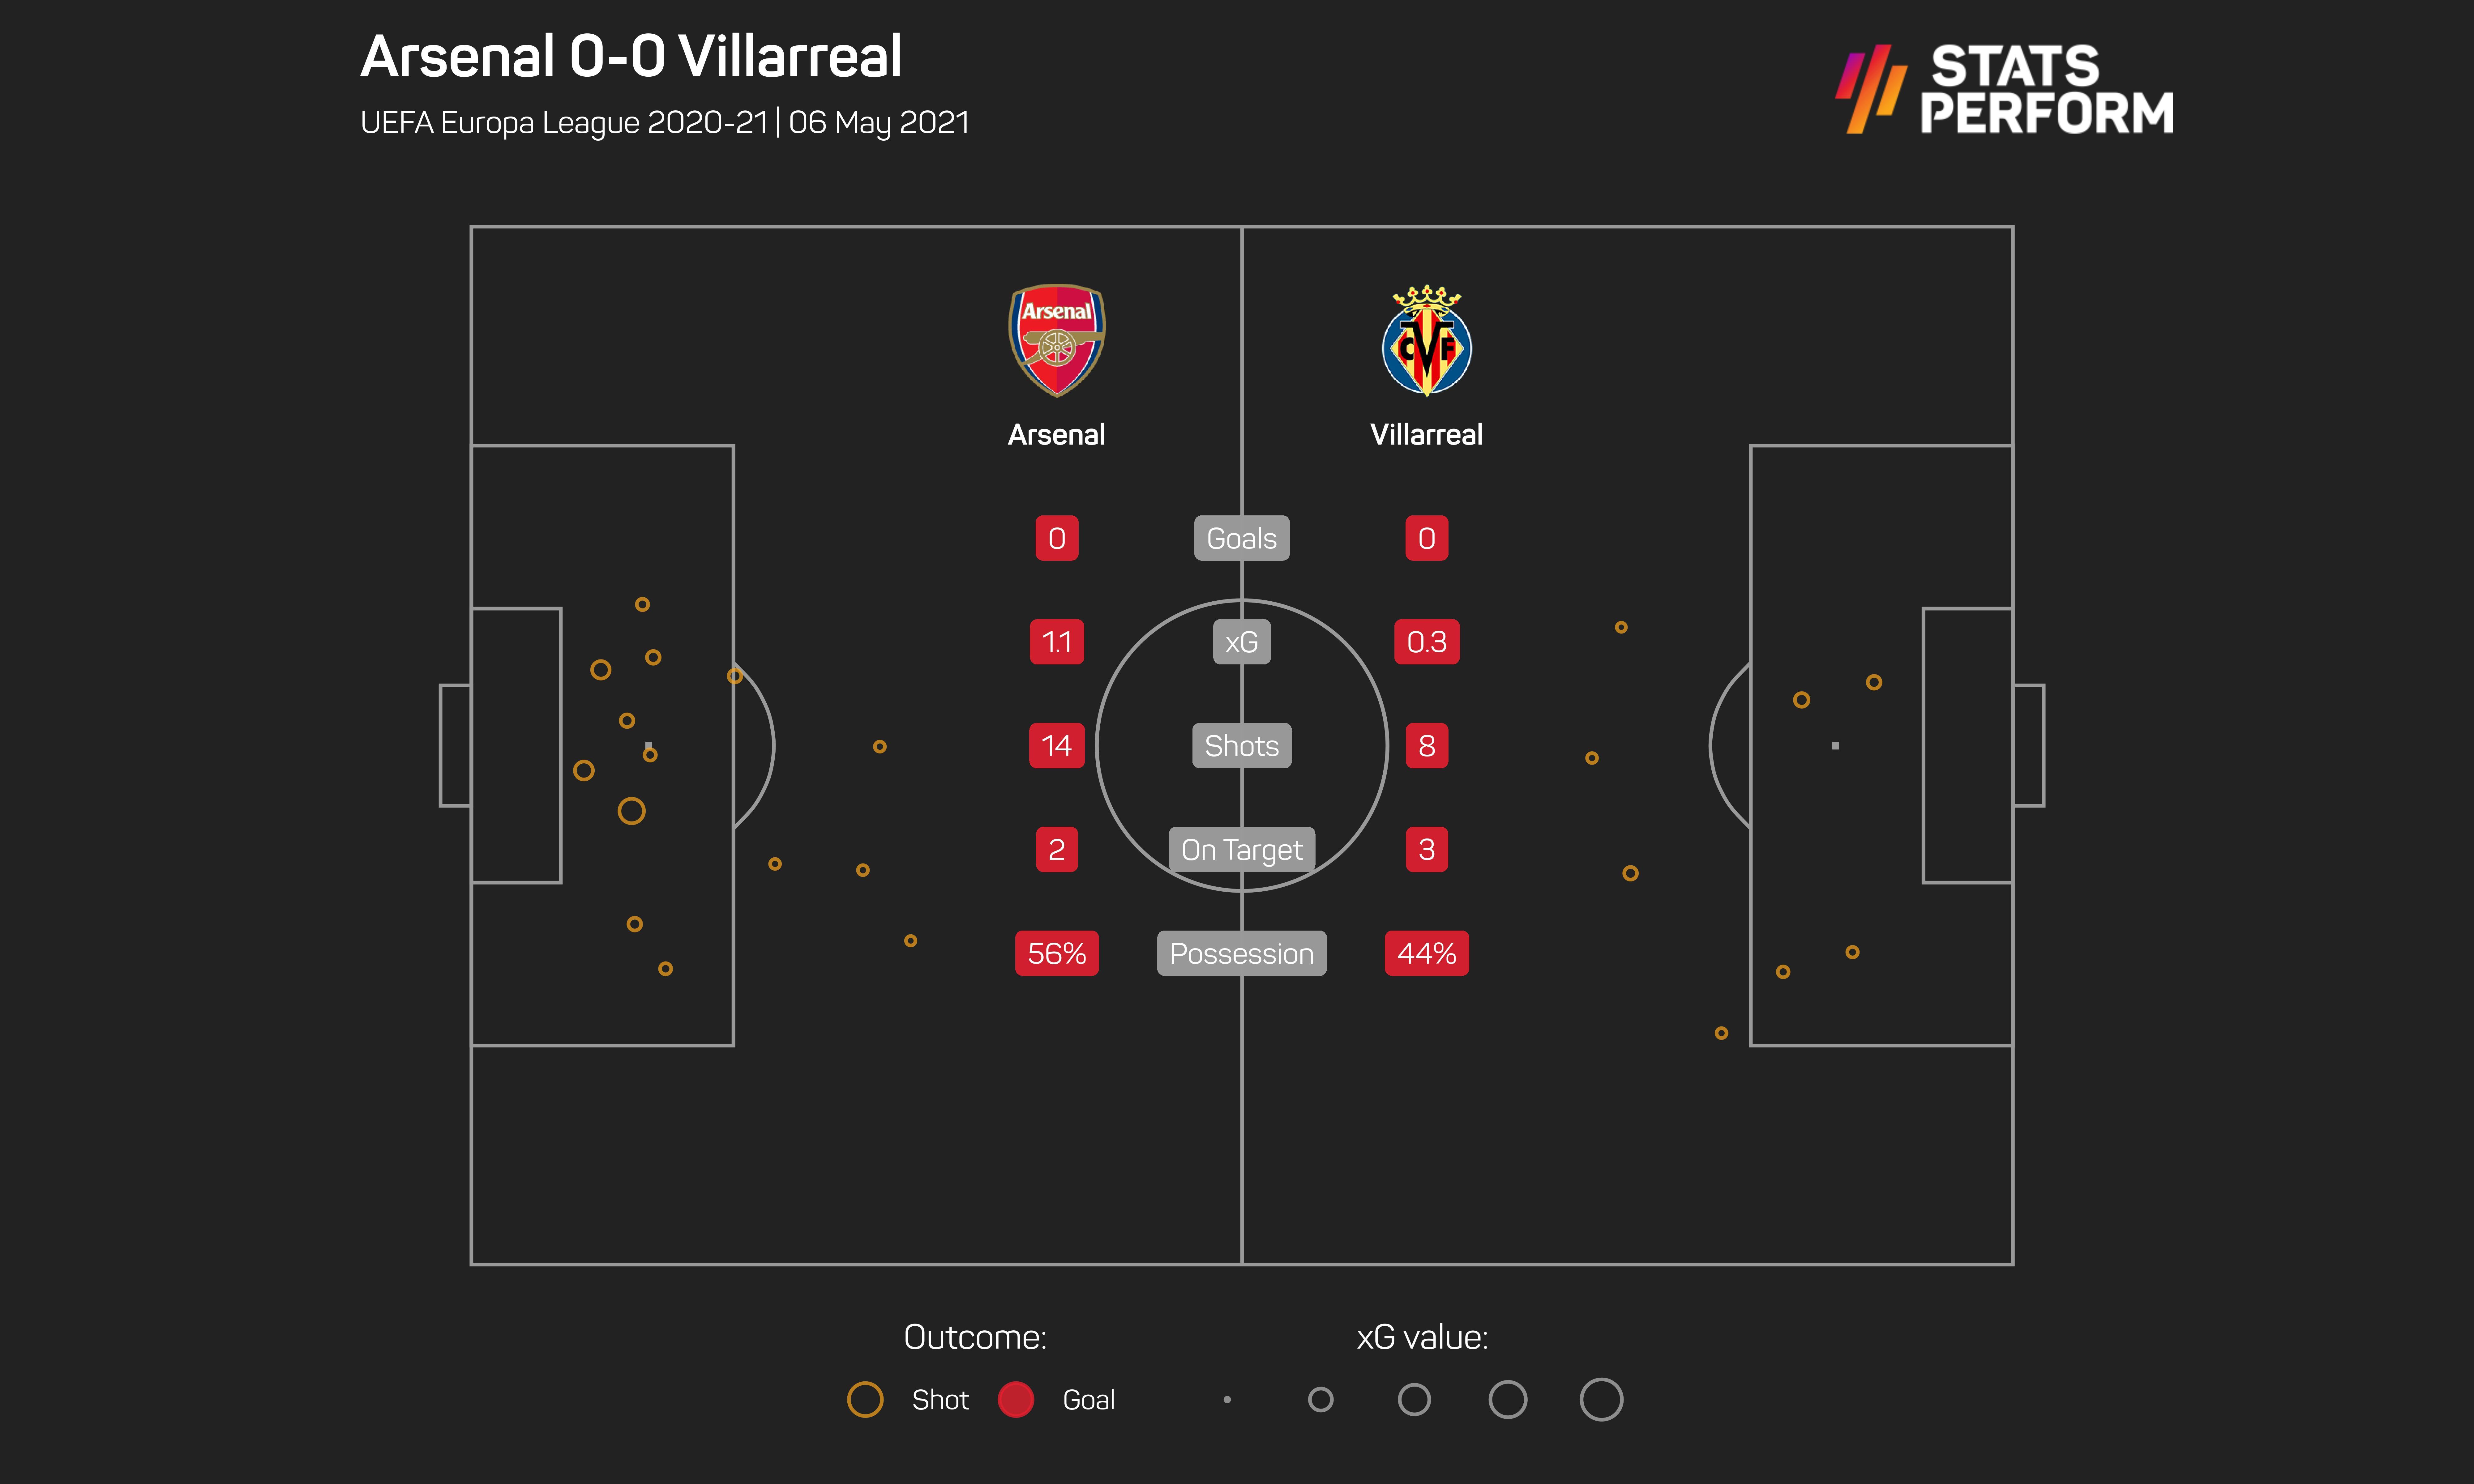 Arsenal v Villarreal SPN graphic